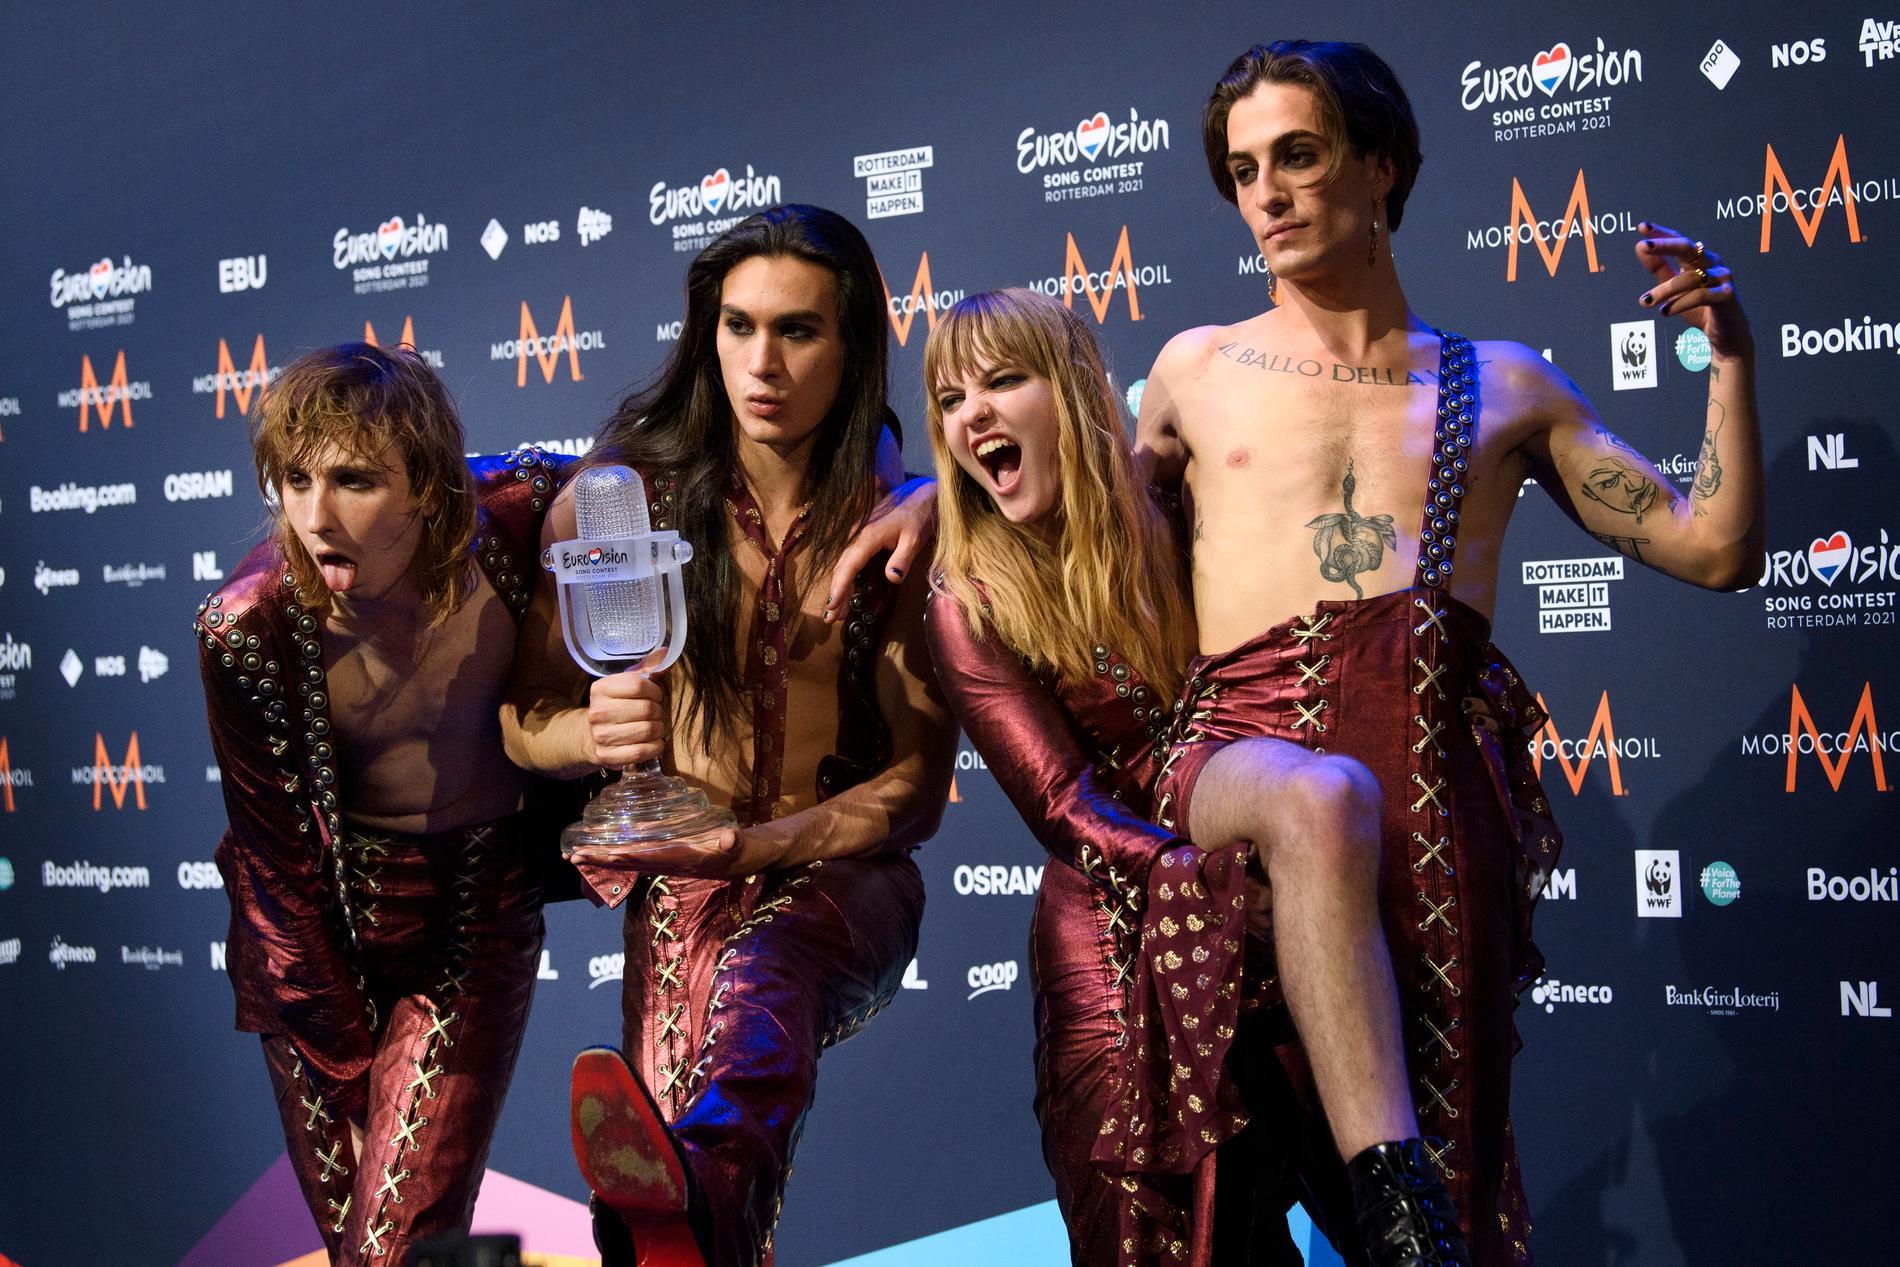 Måneskin från Italien vann finalen av Eurovision Song Contest i Rotterdam. Arkivbild.